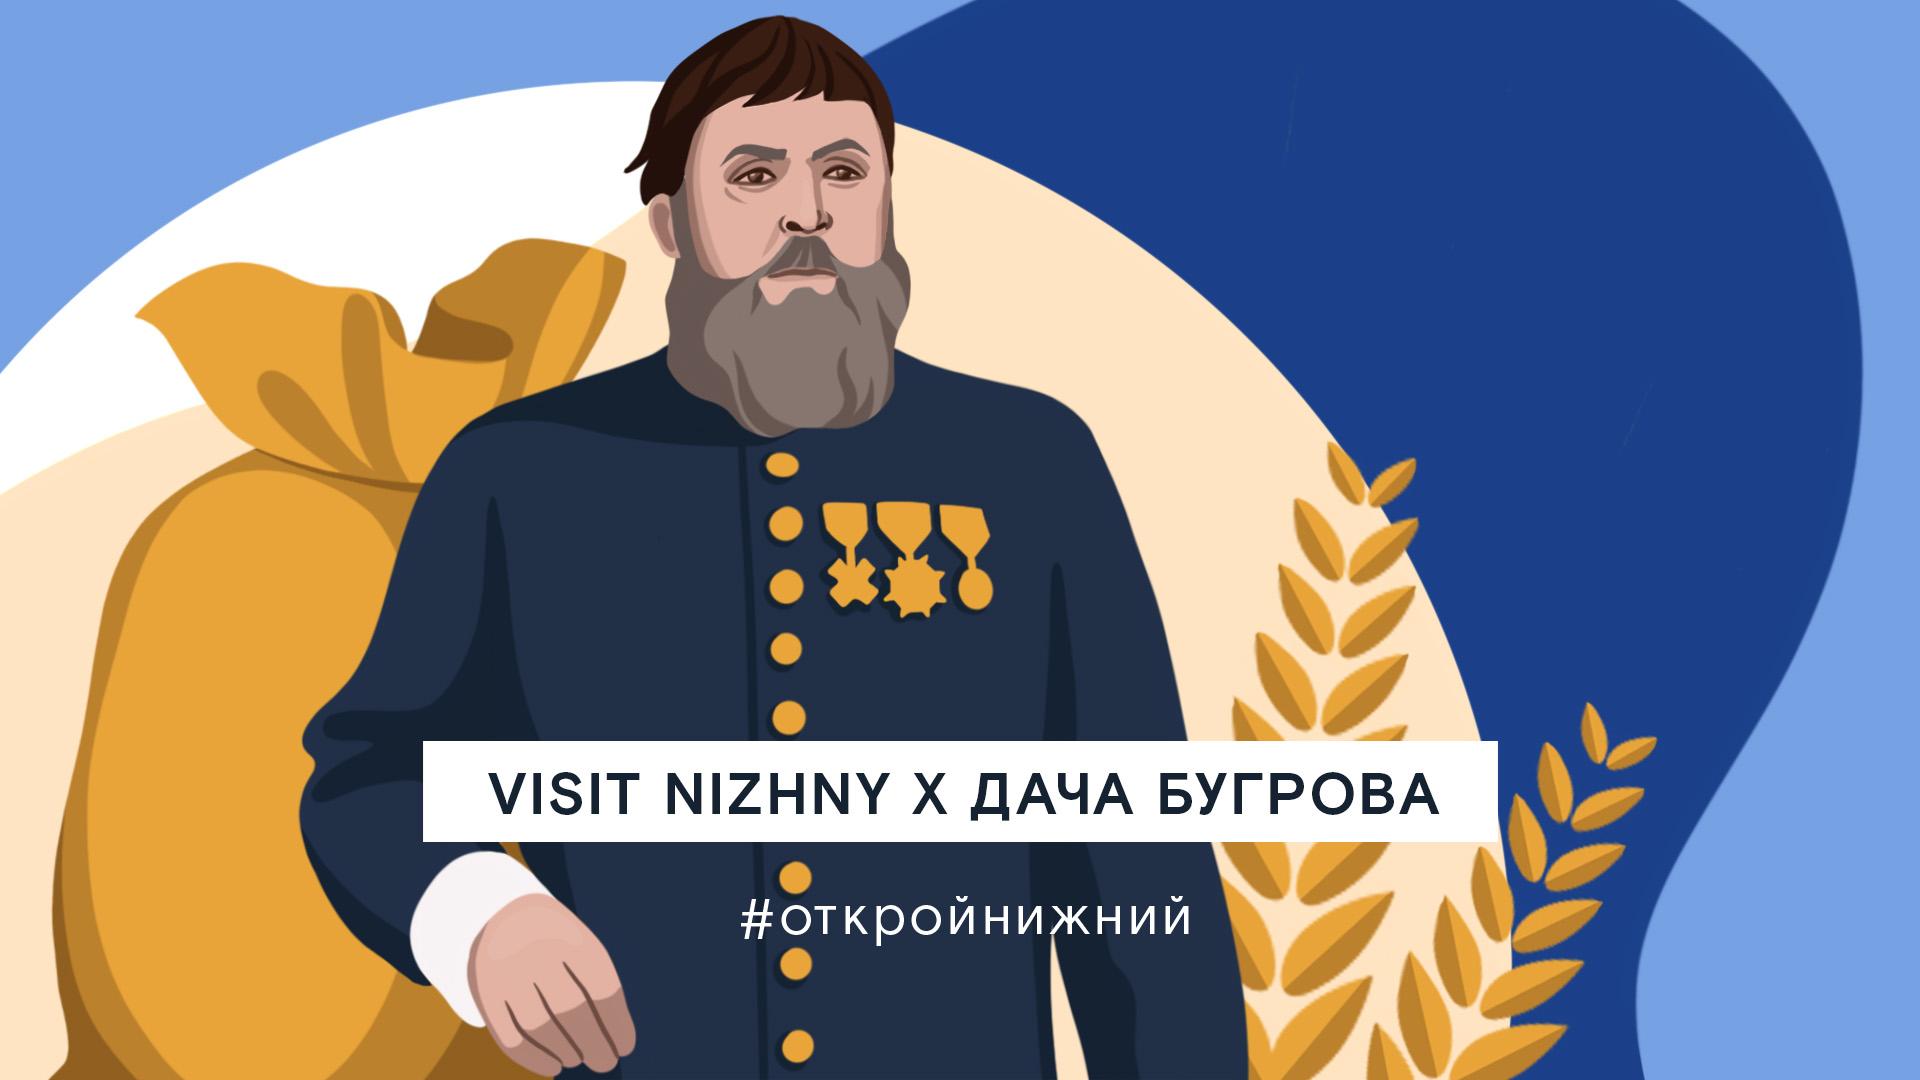 Нижегородский туристско-информационный центр запустил видеопроект «Усадьбы Нижегородской области»